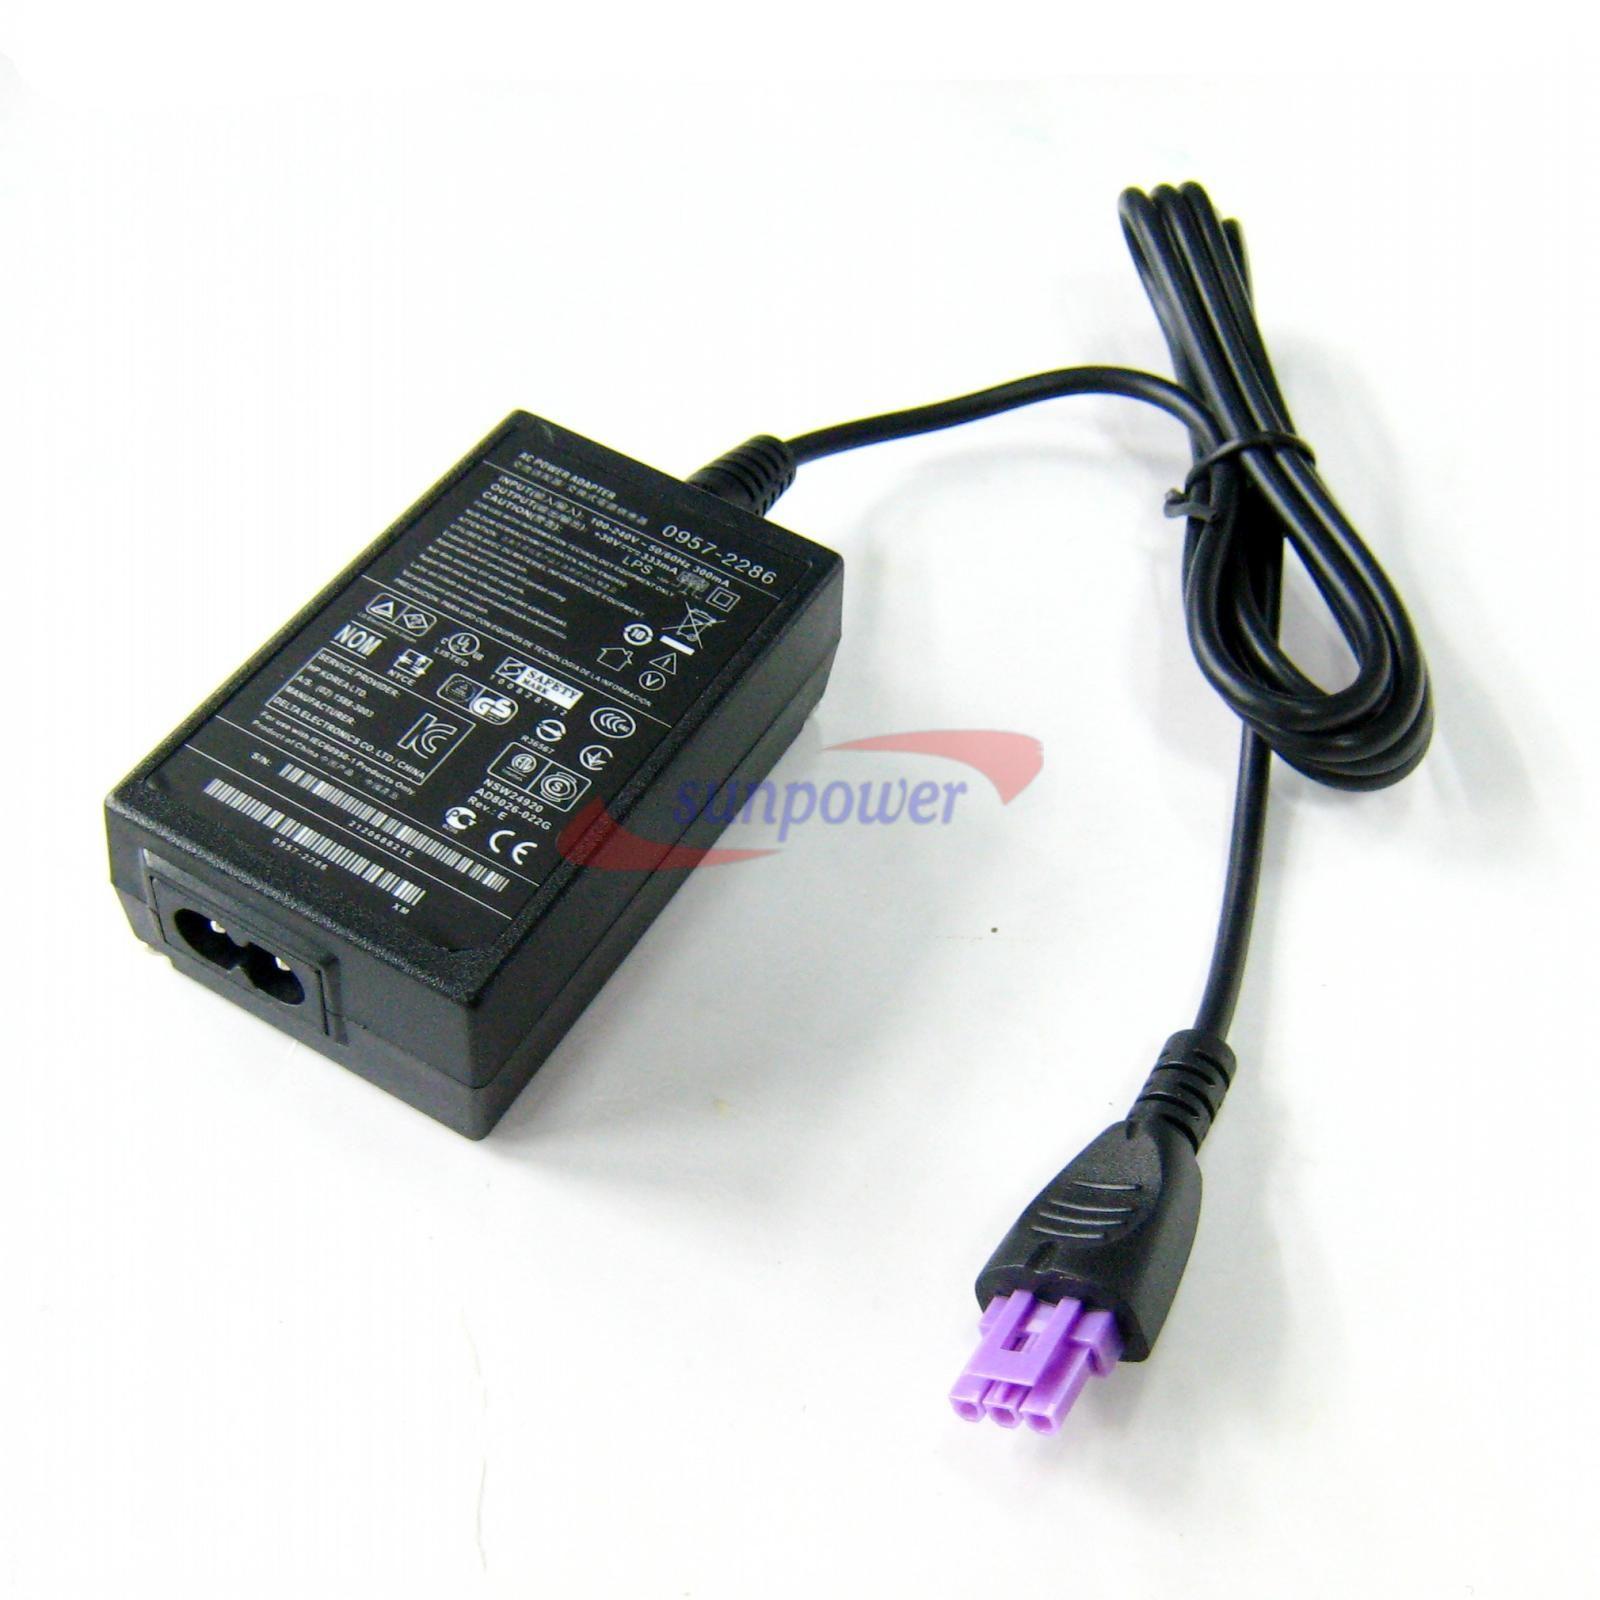 Ac Power Supply Adapter 30v 333ma For Hp 0957 2286 Deskjet